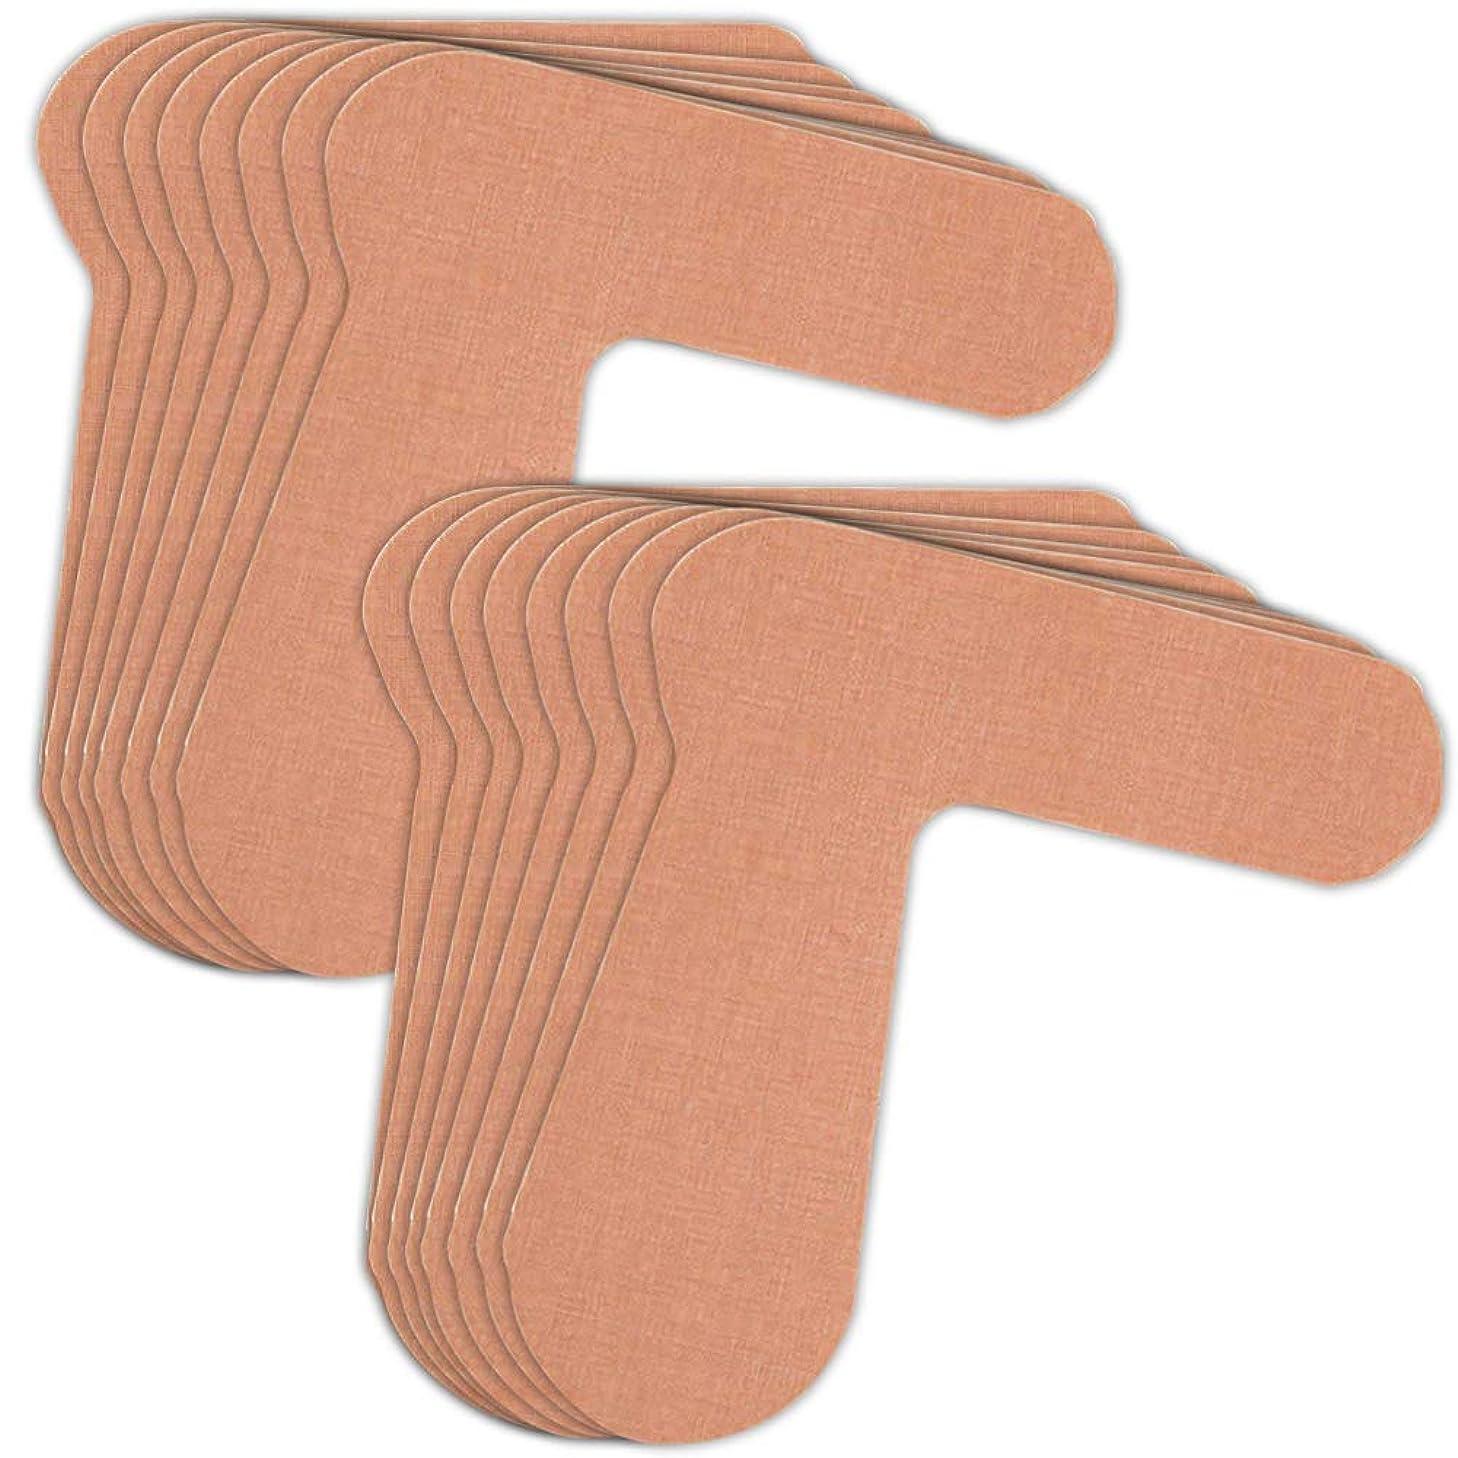 ウィザードアイドル曇った親指を支えるテープ ばね指 サポーター テーピング 手 腱鞘炎 固定 保護 水仕事OK 左右兼用 16枚入